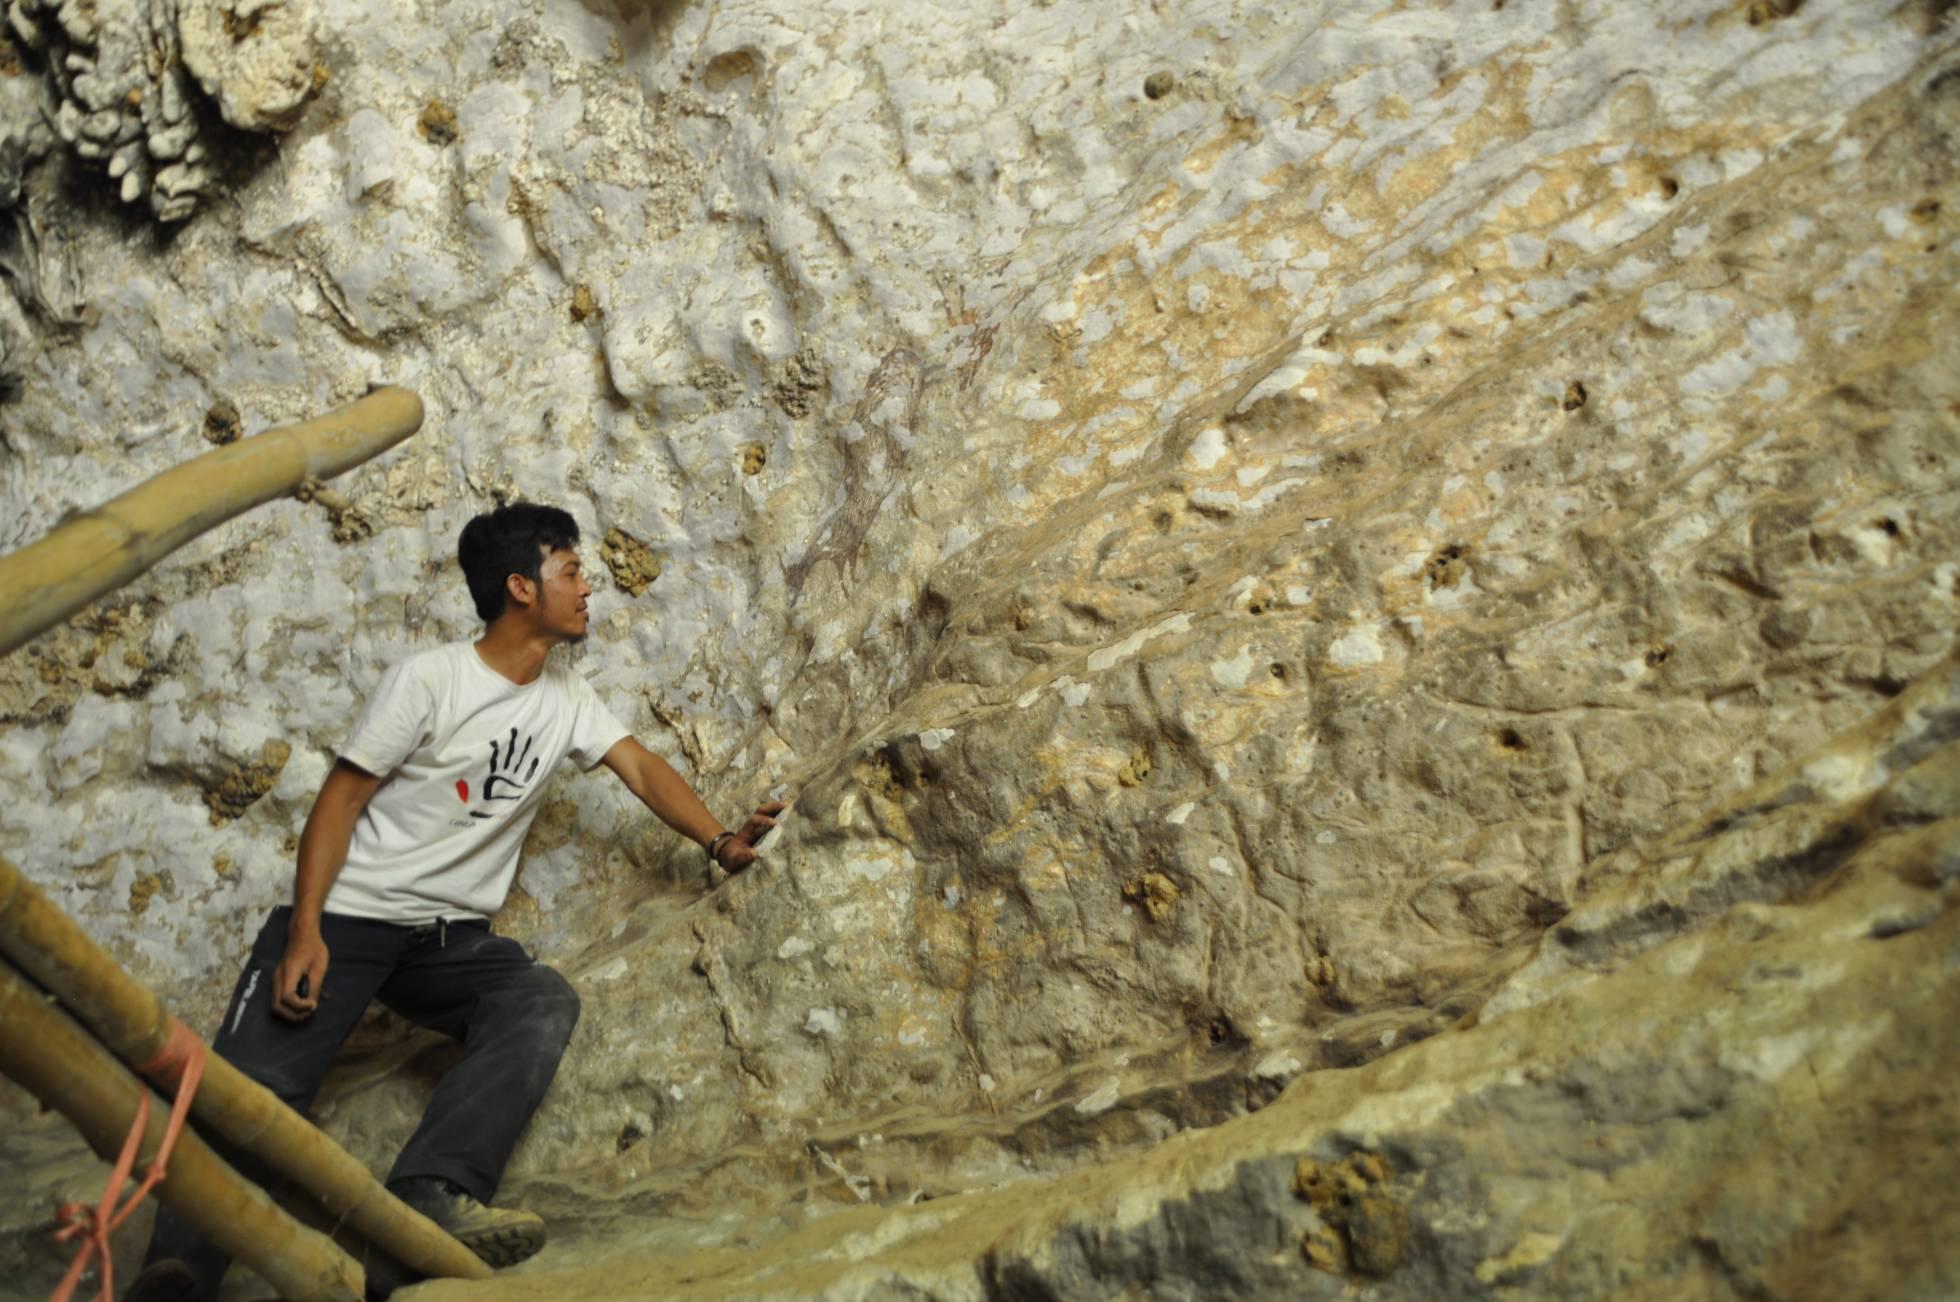 Esta podría ser la pintura rupestre más antigua de la humanidad